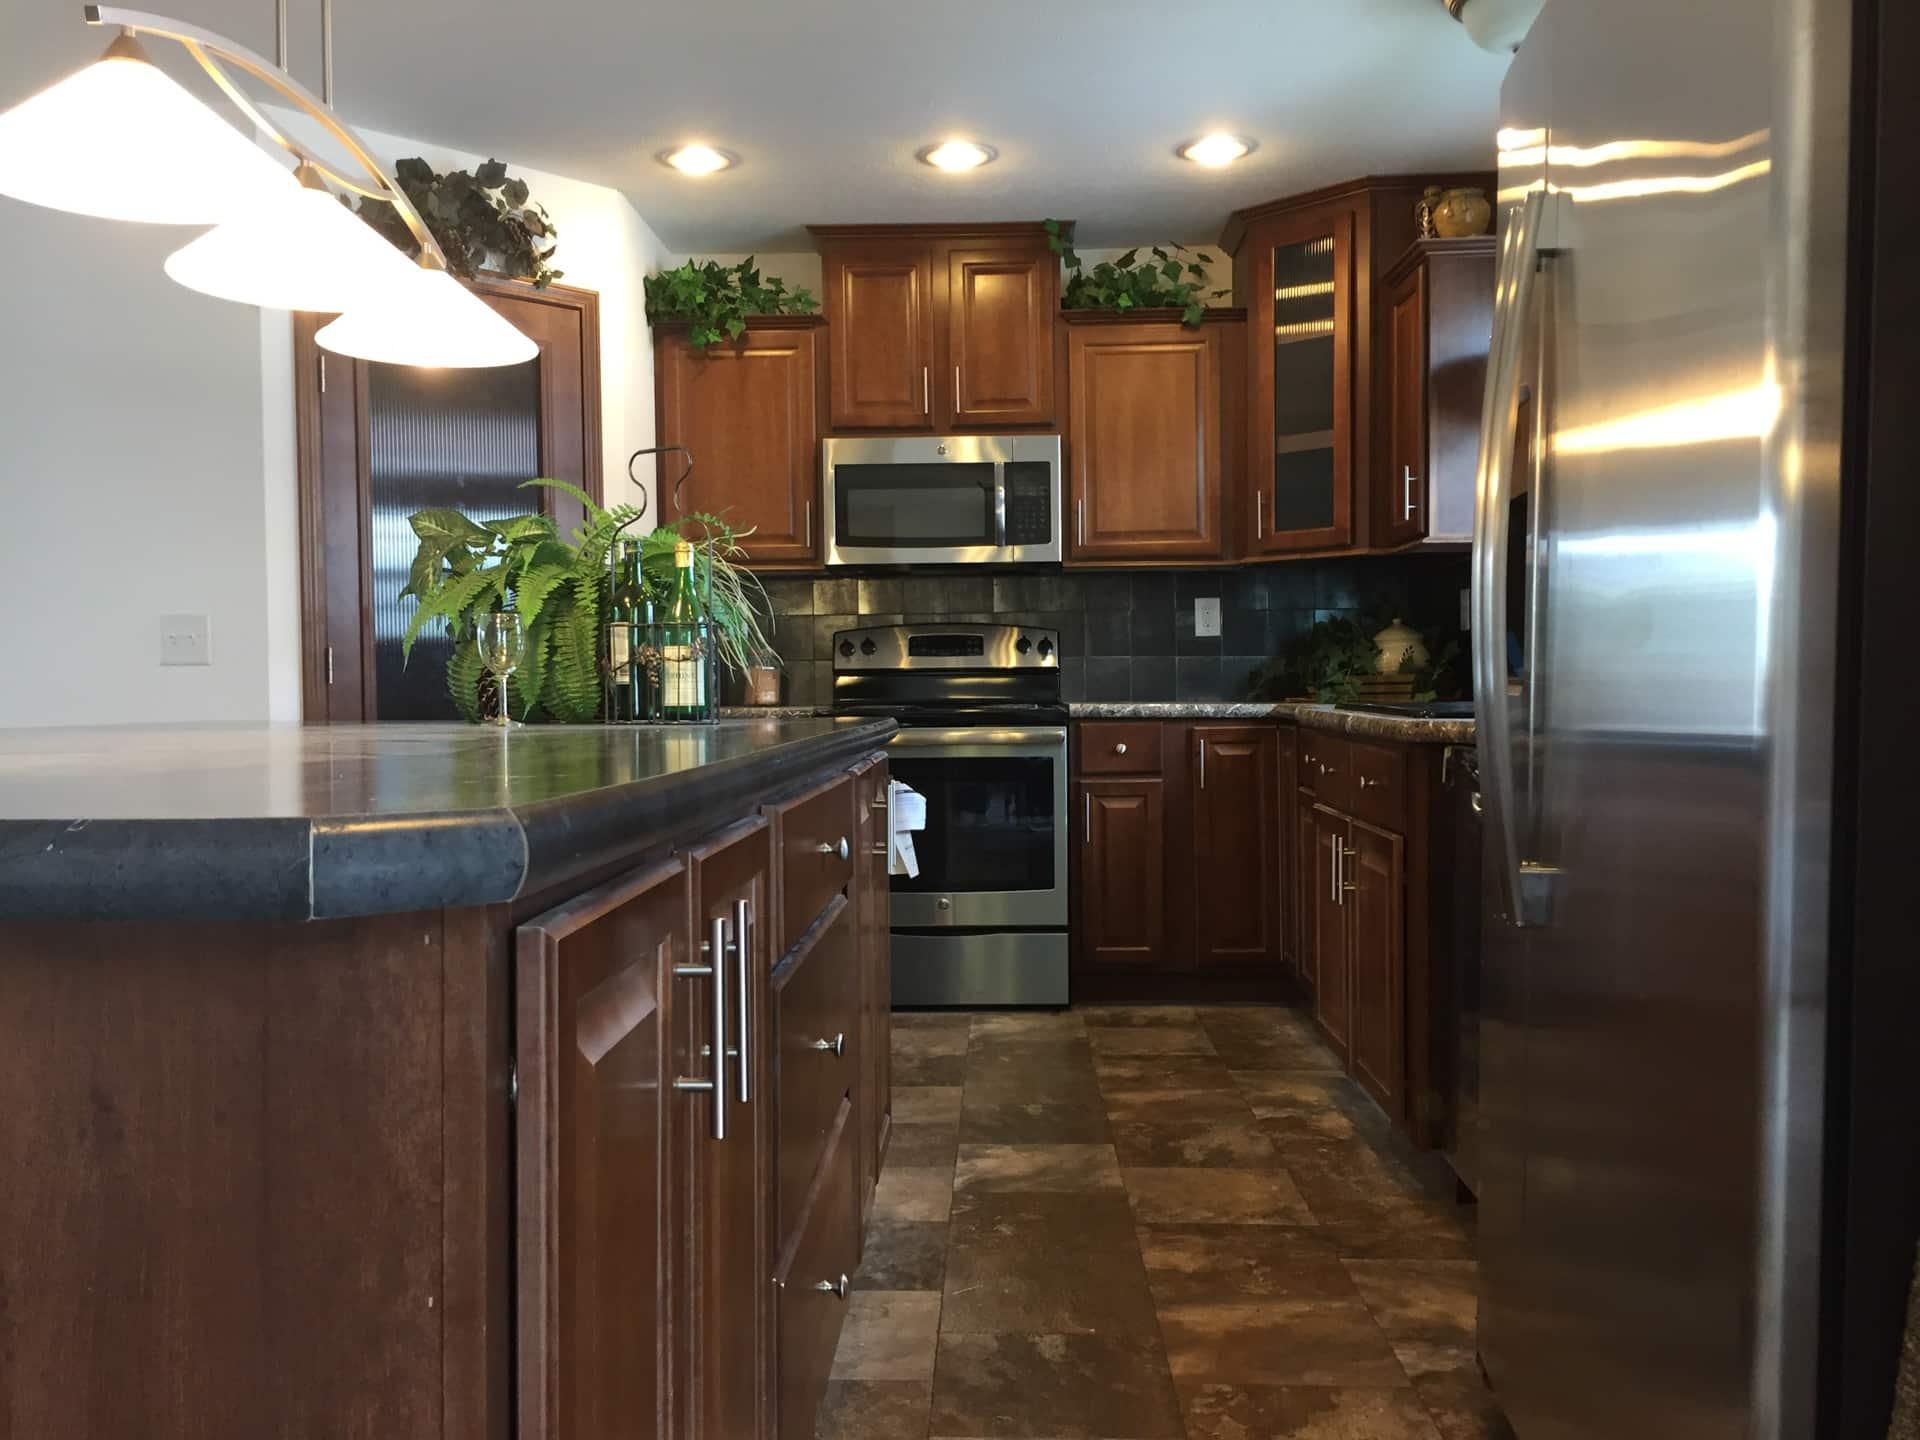 Lionel kitchen view